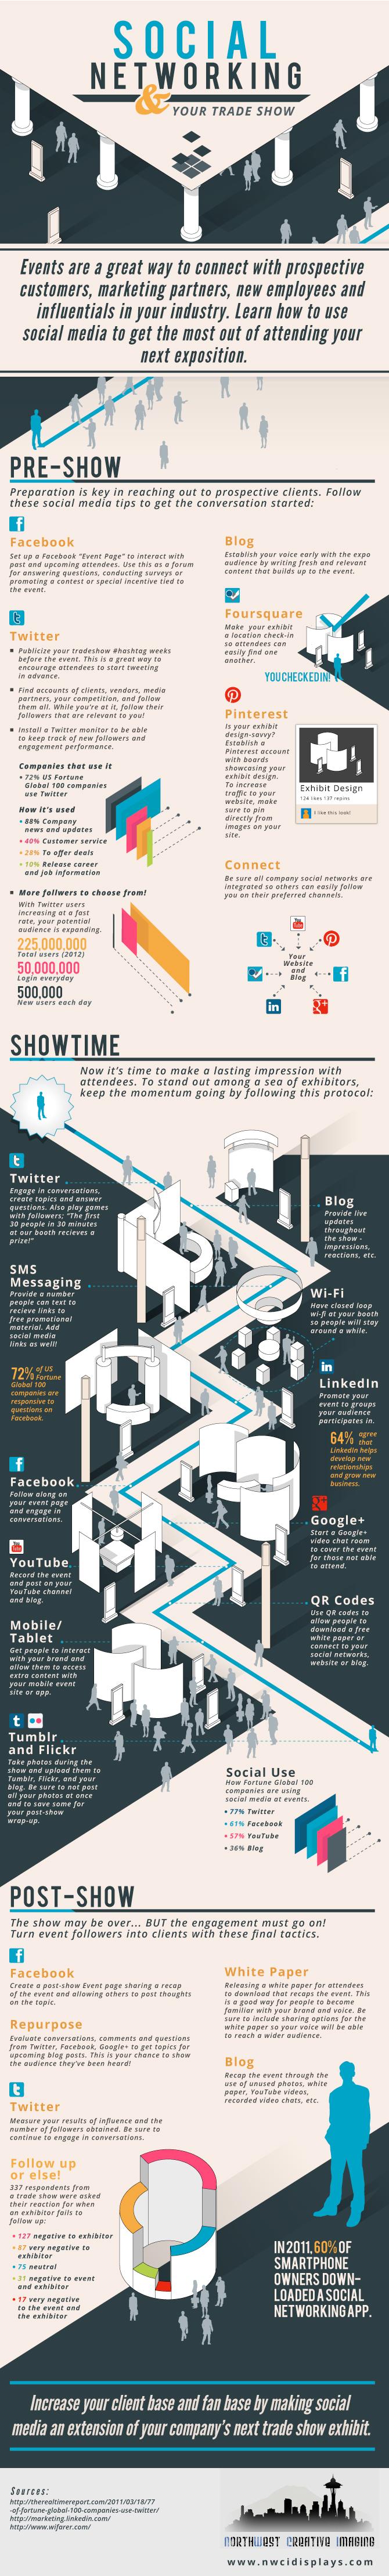 Cómo usar las redes sociales para las ferias